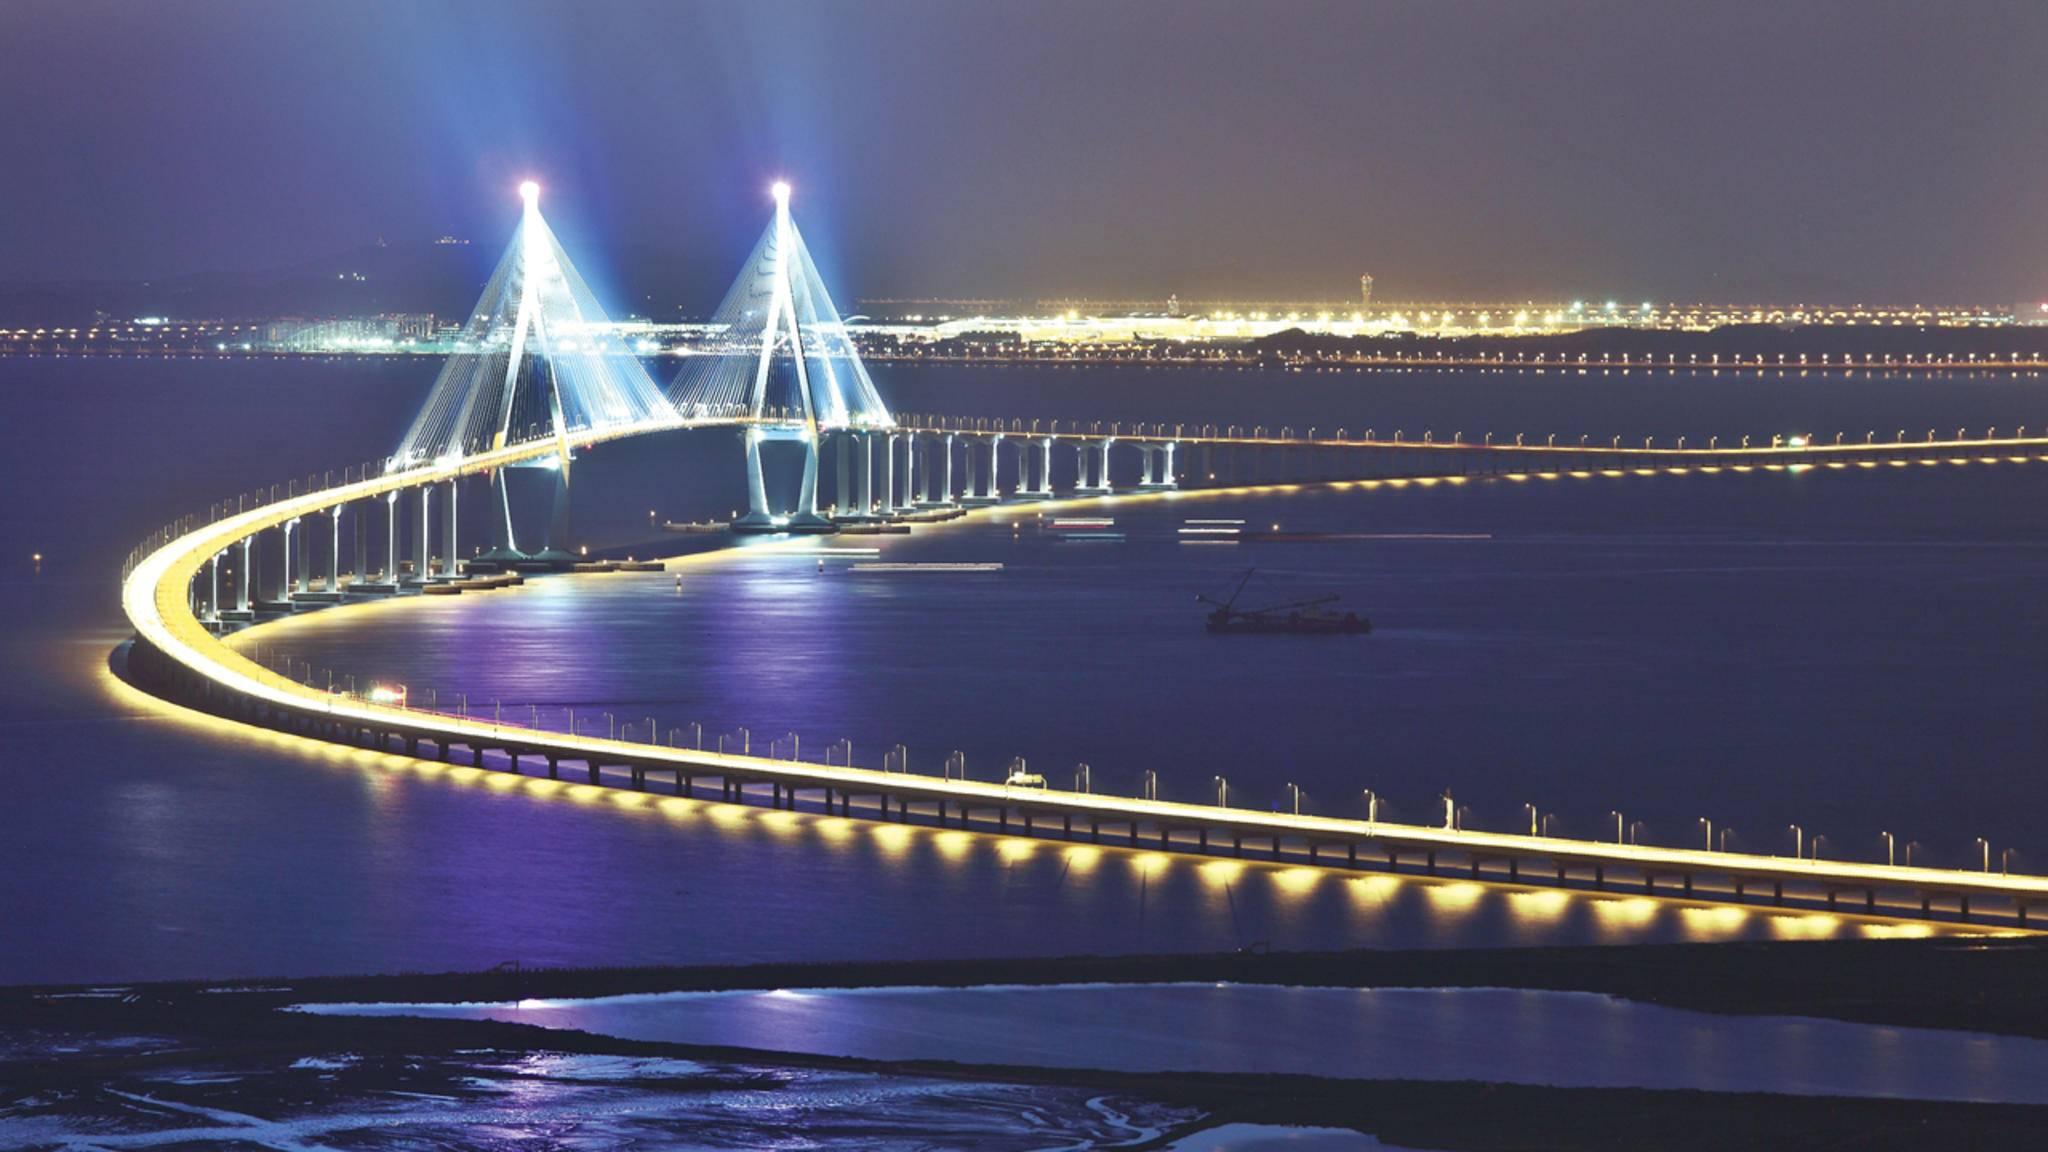 Verbindung: Incheon Bridge, die fünftgrösste Brücke der Welt, verbindet Songdo mit dem Flughafen Incheon.